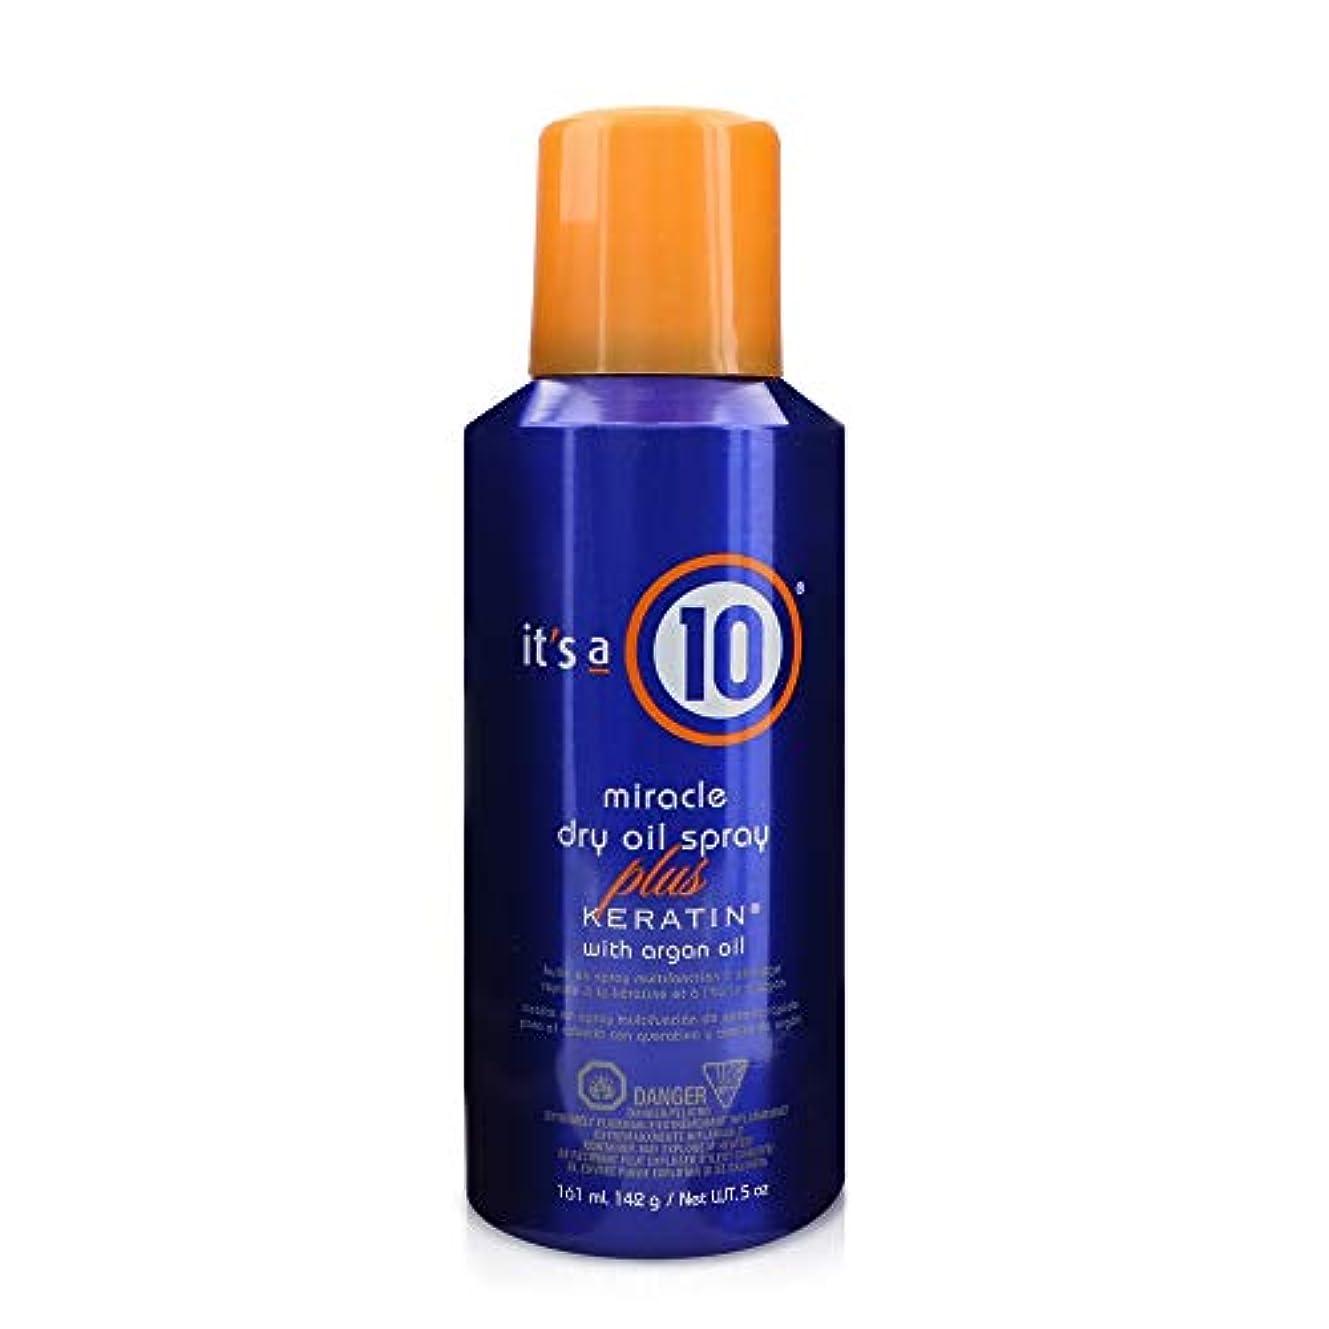 ドリンク伝導率難民It's a 10 Haircare ミラクルドライオイルはアルガンオイル、5フロリダでプラスケラチンをスプレーしてください。オズ。 5オンス